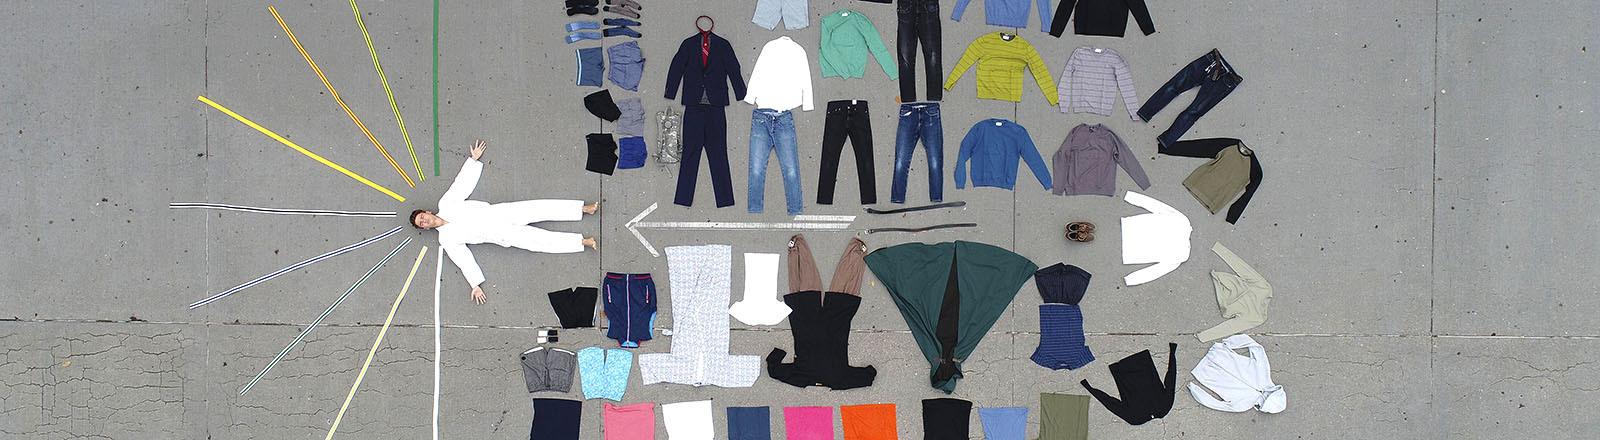 Eine Person liegt auf dem Boden, darum herum sind Kleidungsstücke ausgelegt.